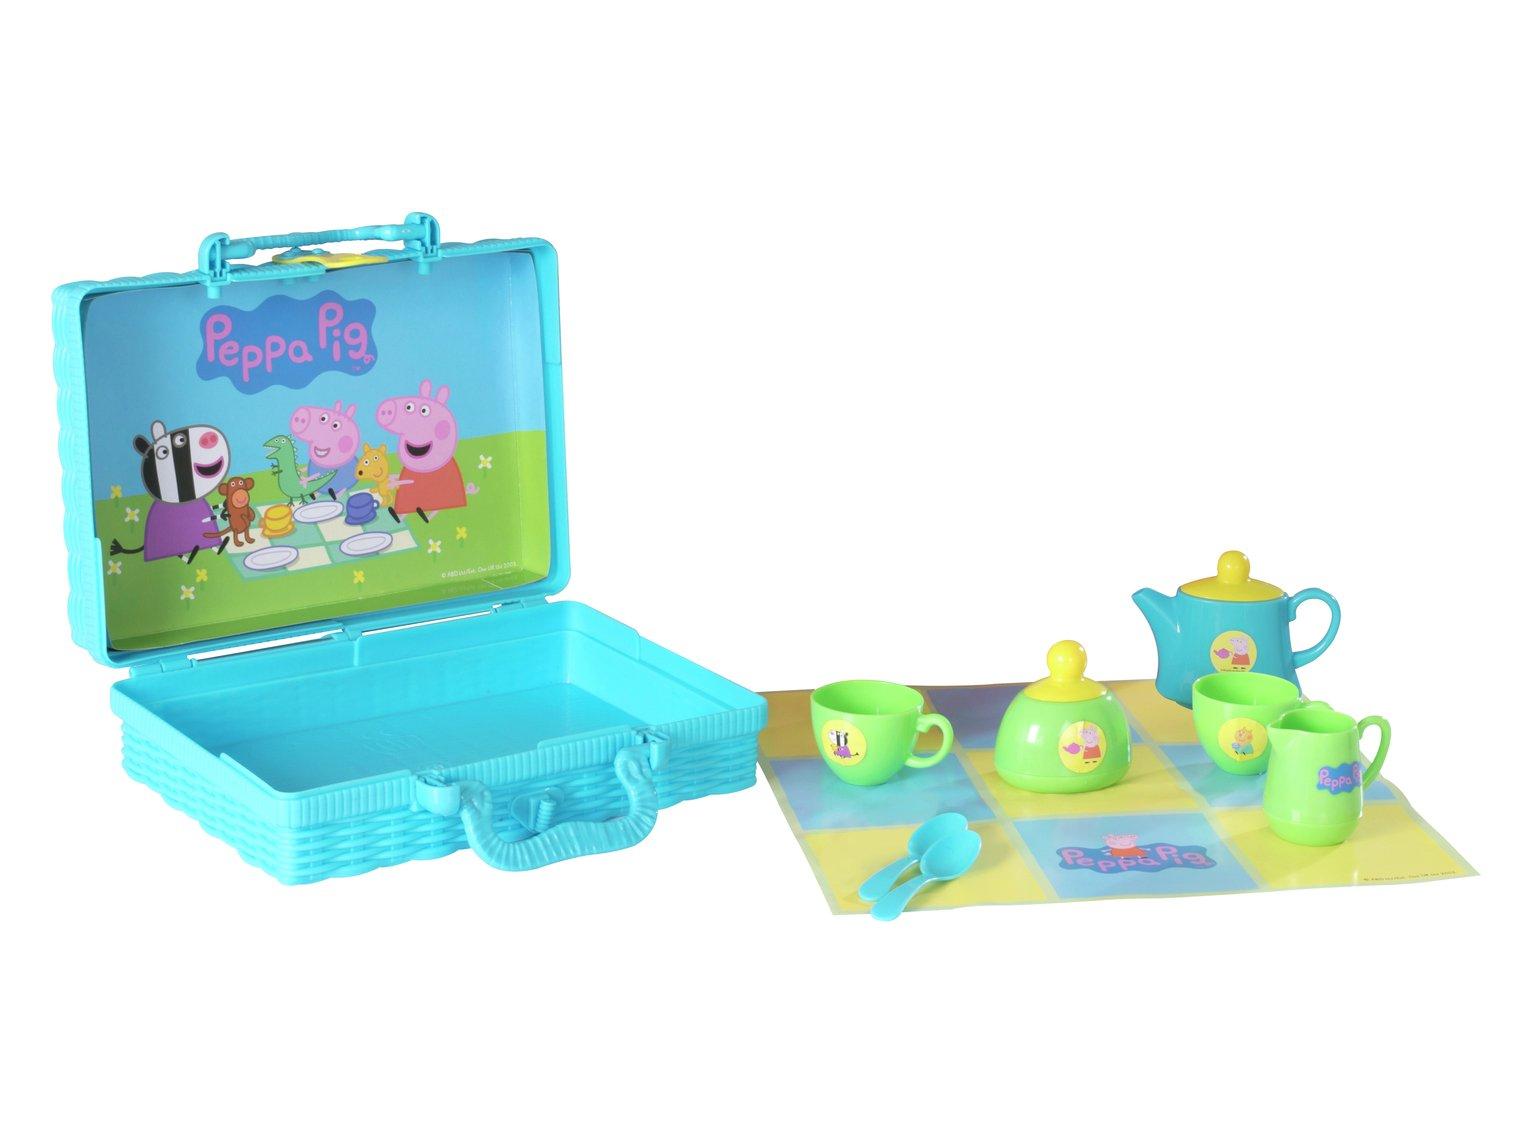 Peppa Pig Picnic Set